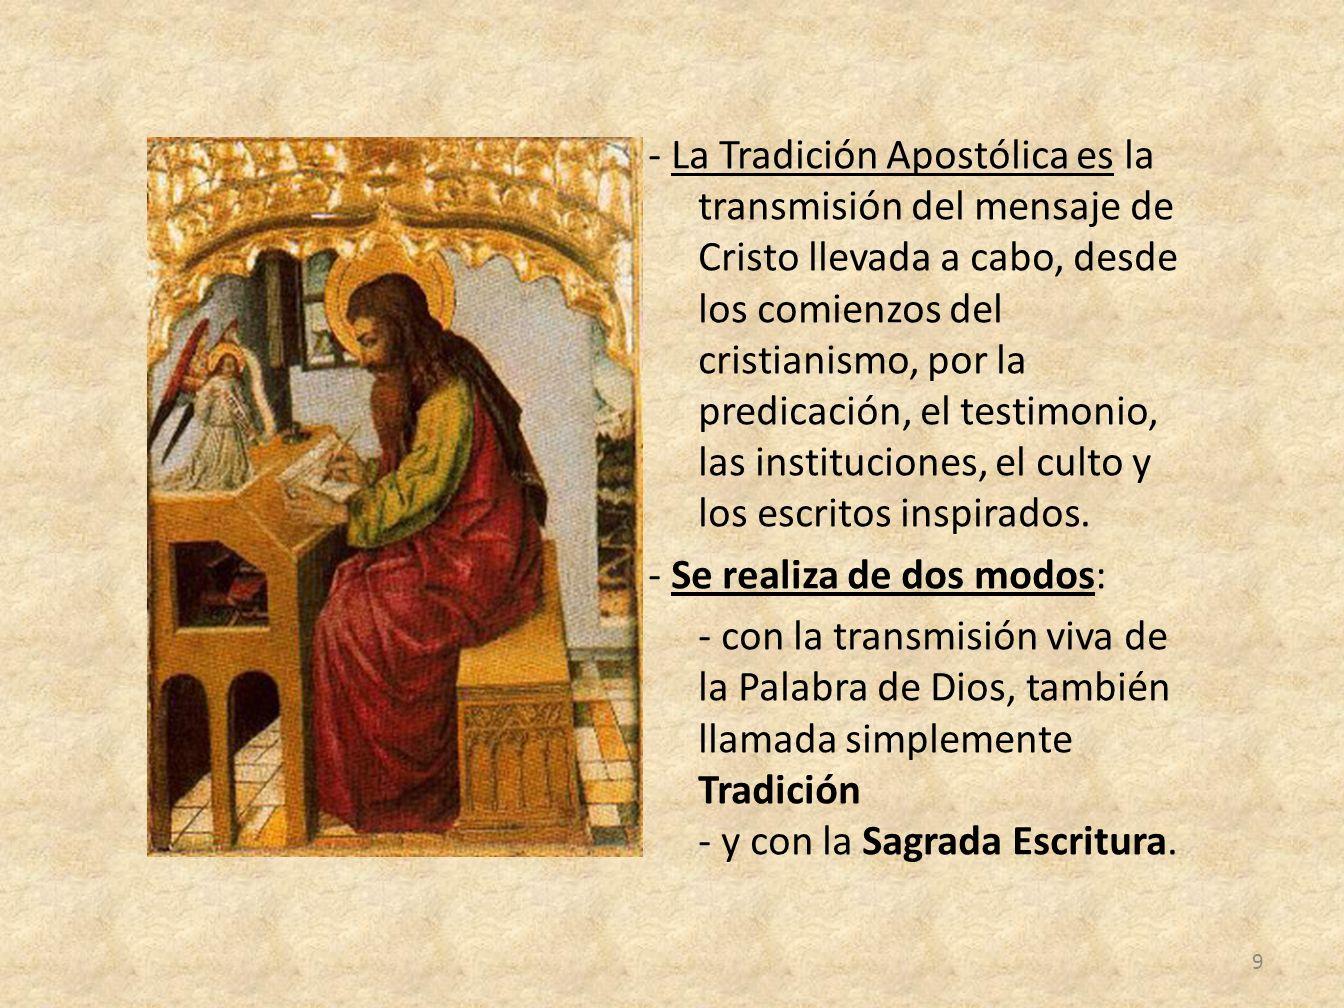 - La Tradición Apostólica es la transmisión del mensaje de Cristo llevada a cabo, desde los comienzos del cristianismo, por la predicación, el testimo